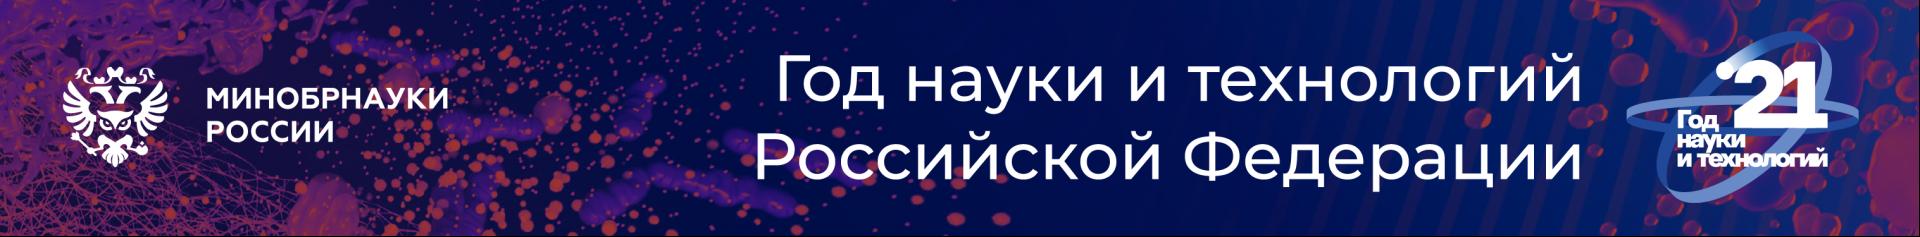 https://www.minobrnauki.gov.ru/god-nauki/